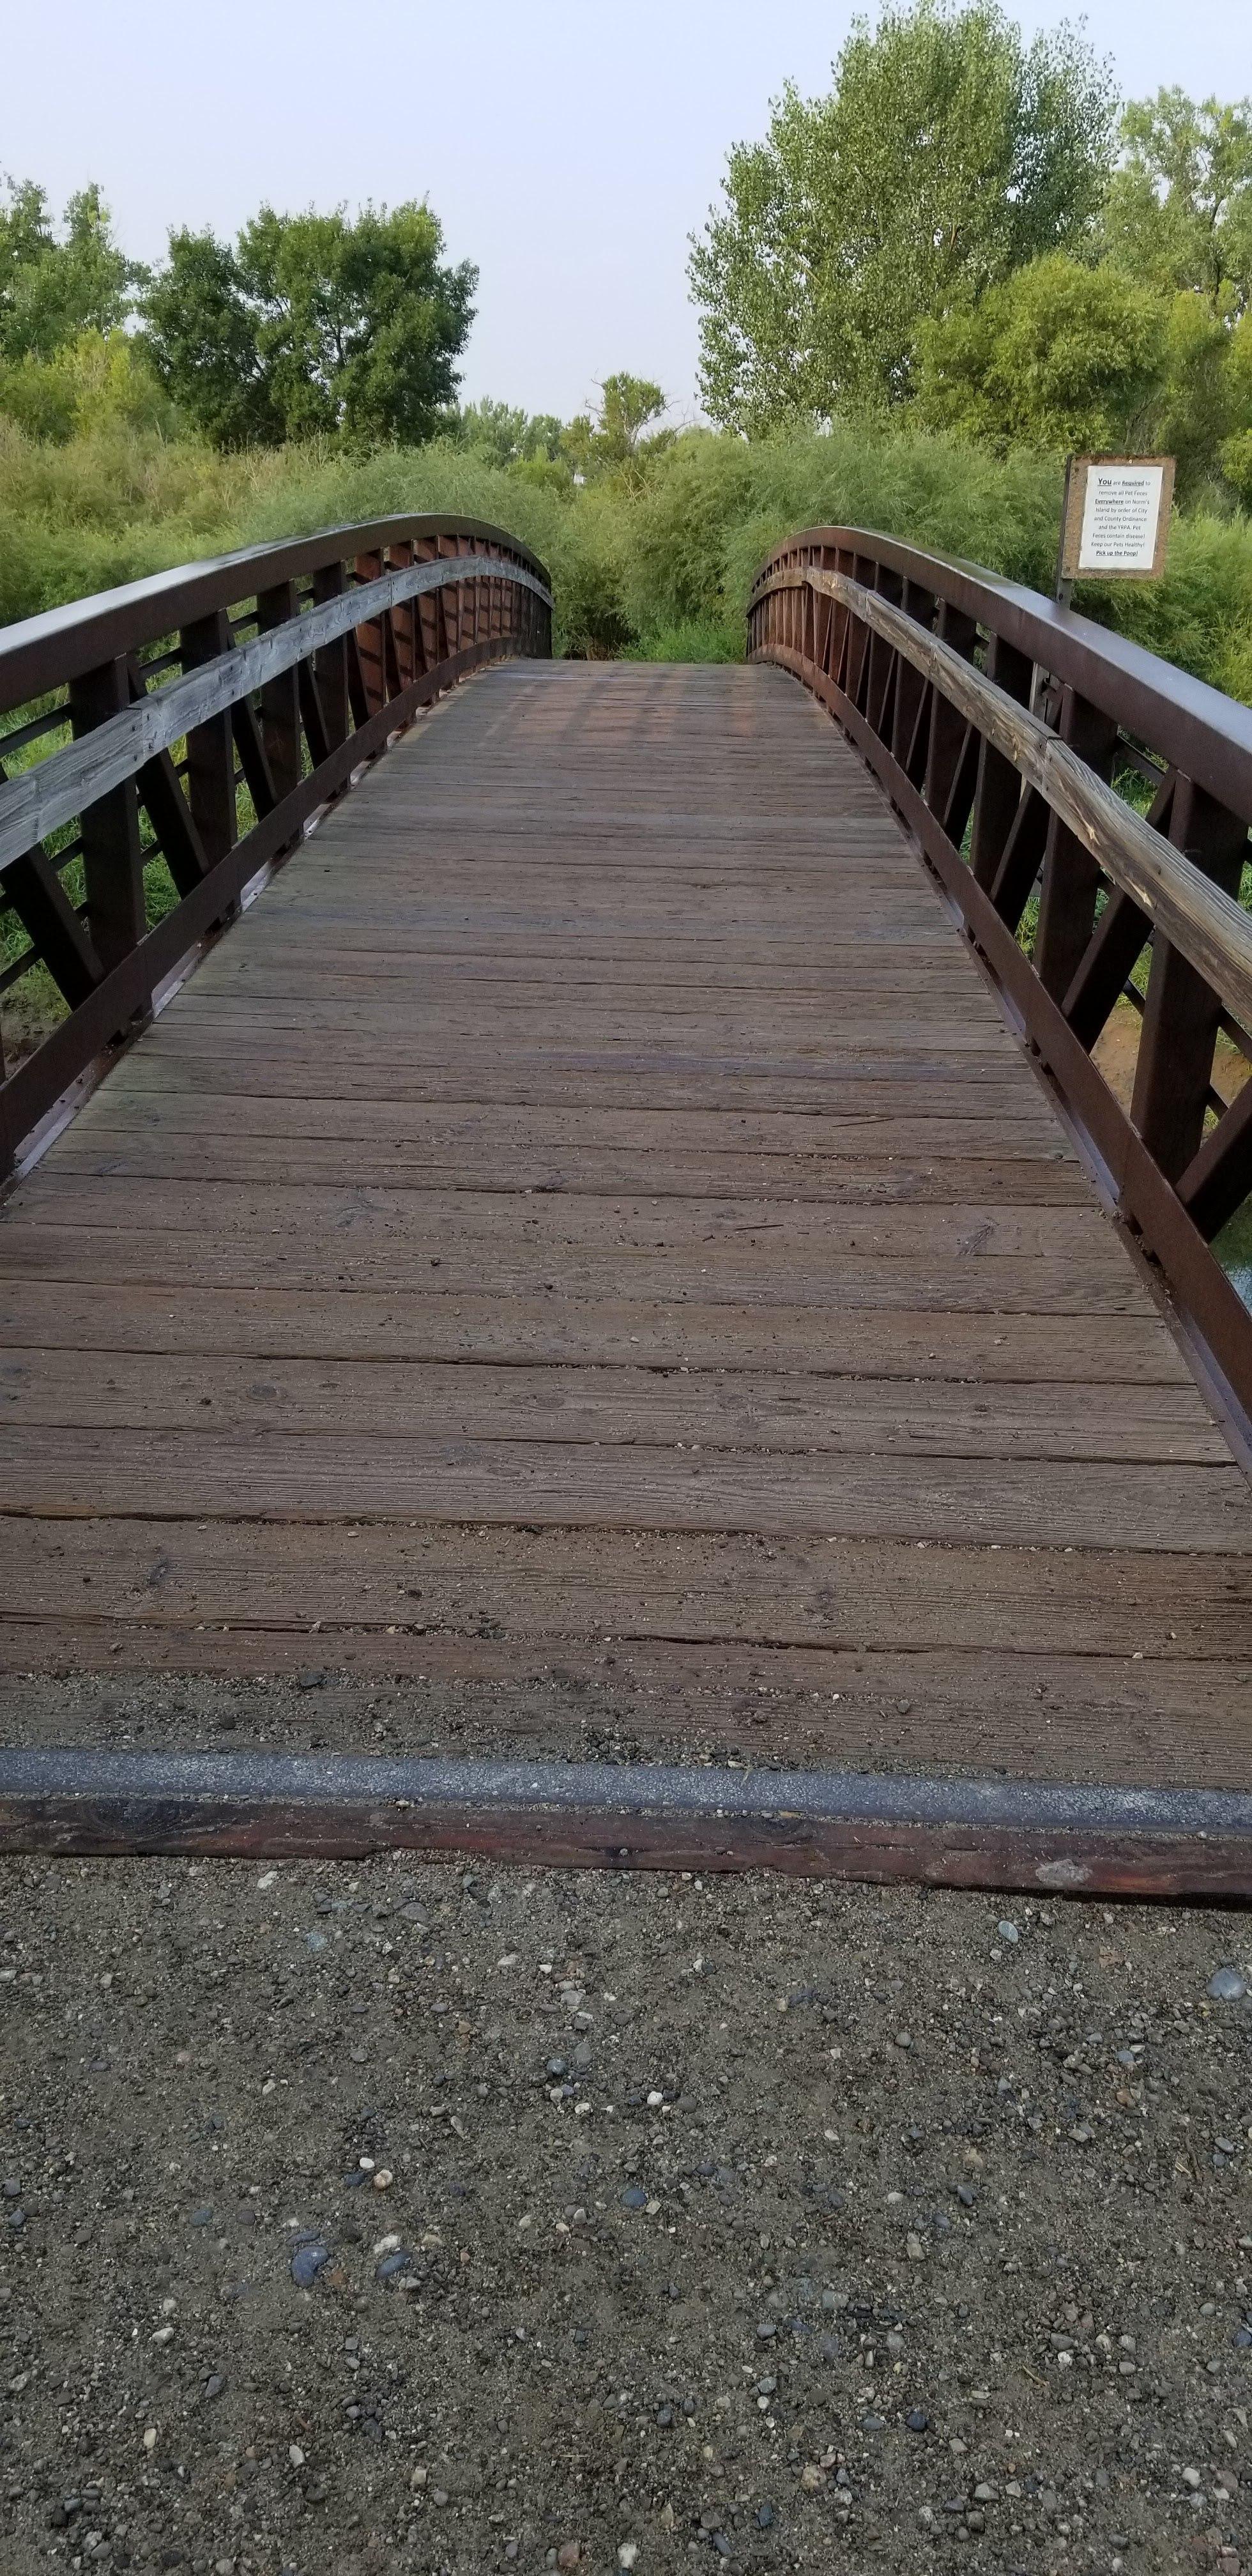 Beautiful bridge and river in Billings, Montana.